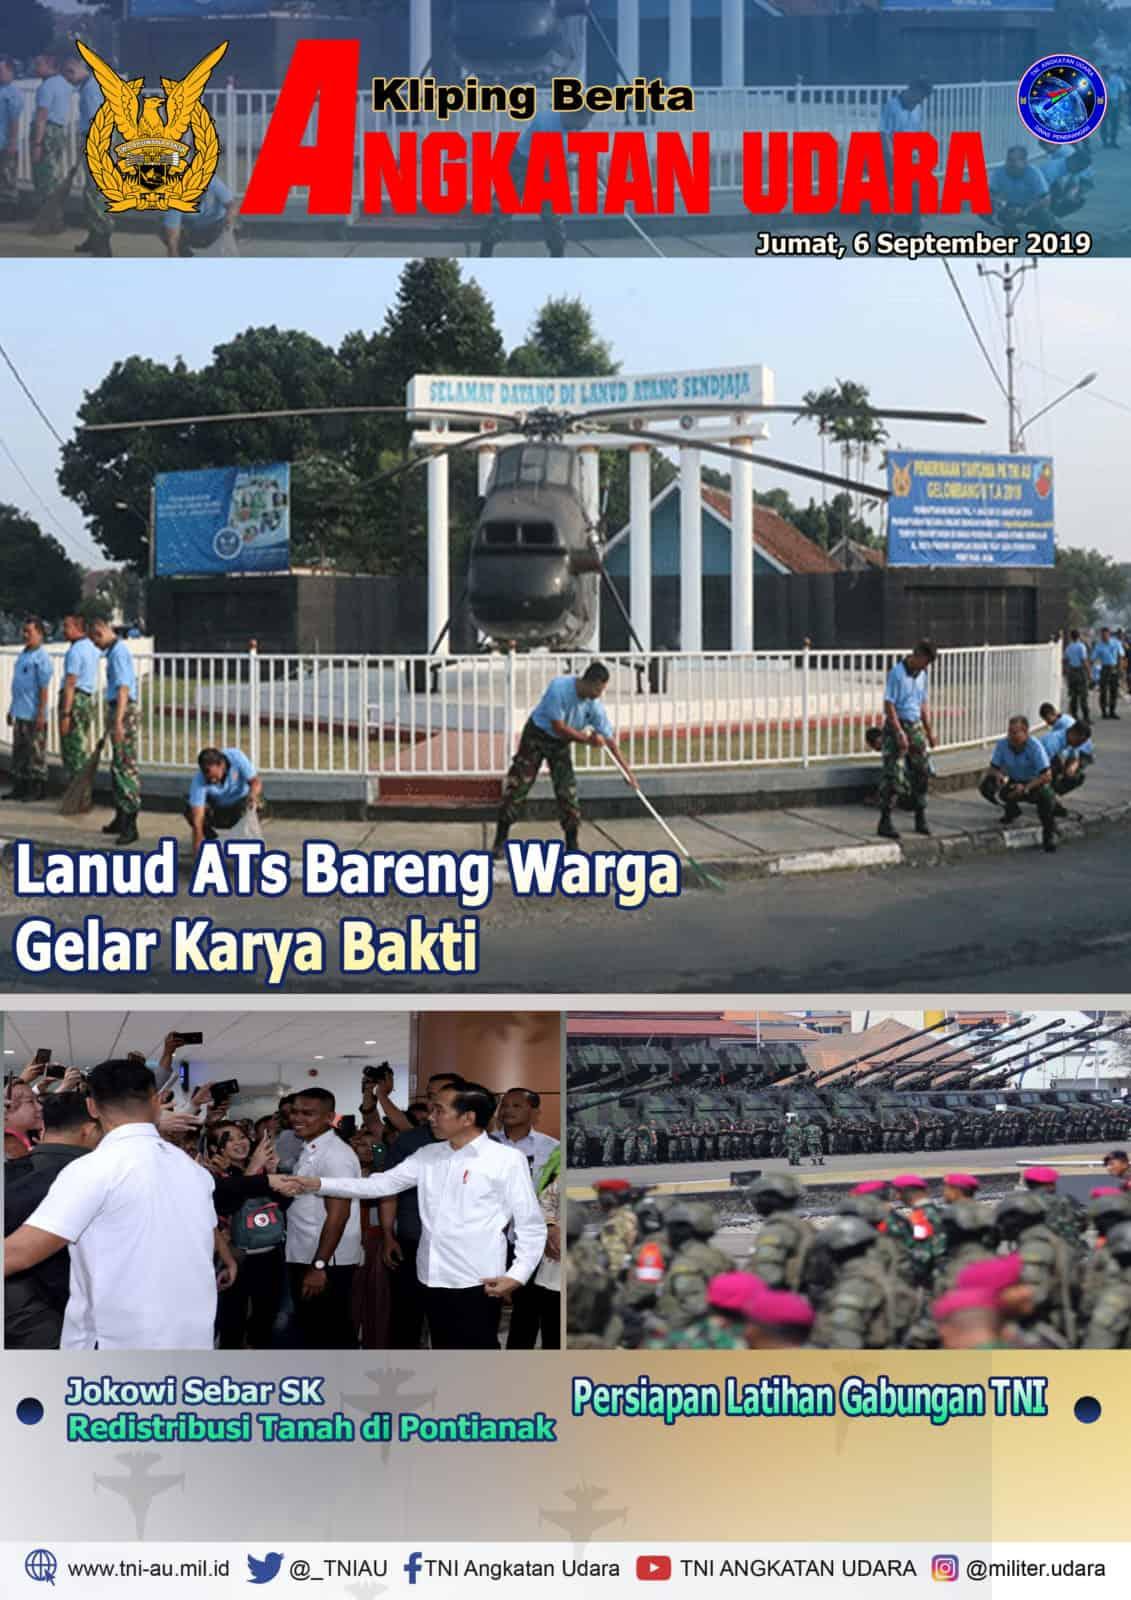 Kliping Berita Media 6 September 2019